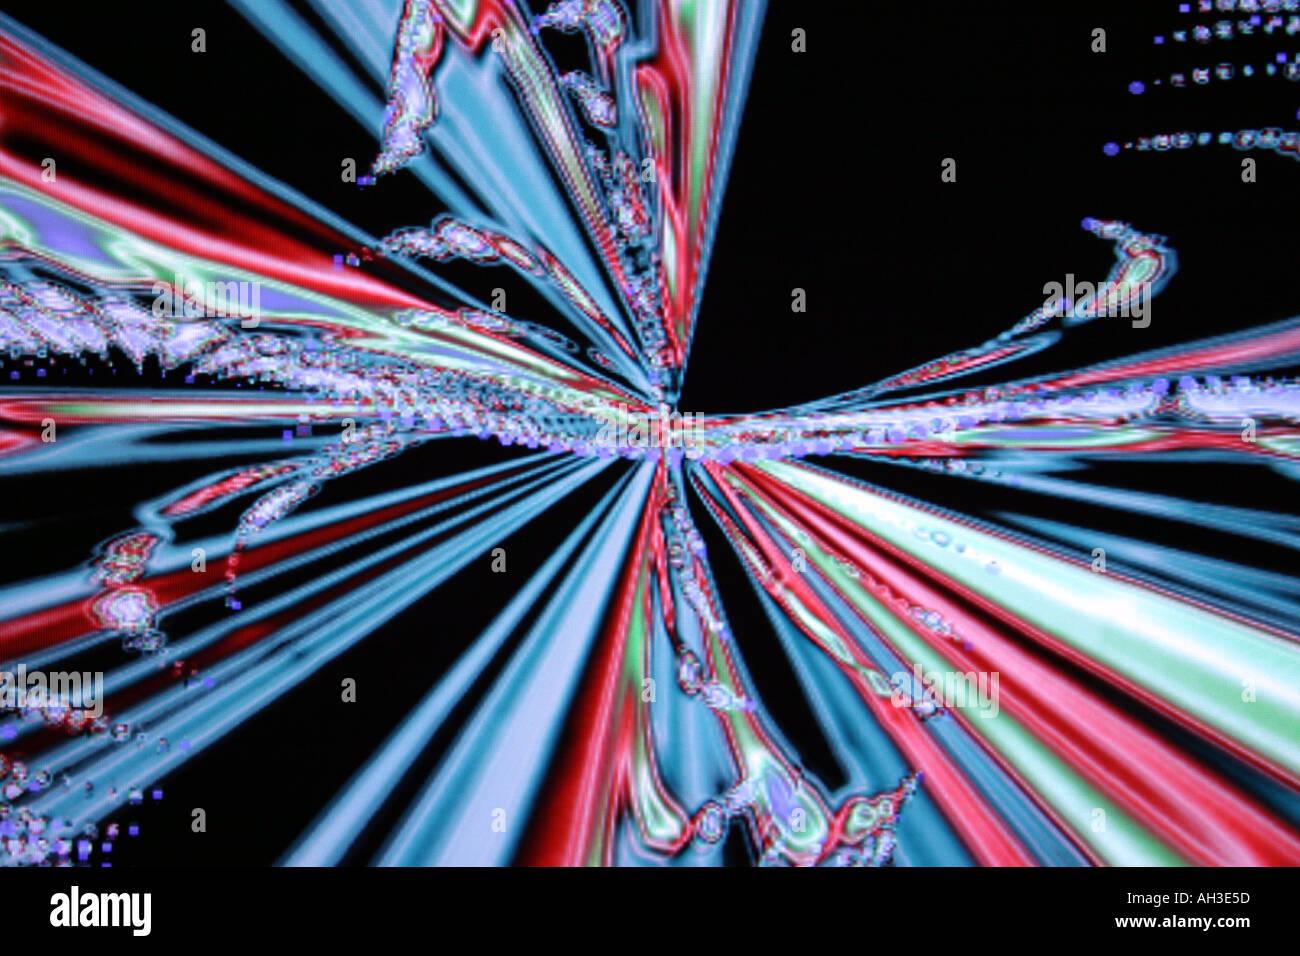 Los fondos de color conceptual abstracto conceptual surrealista de efectos especiales de alta tecnología Imagen De Stock